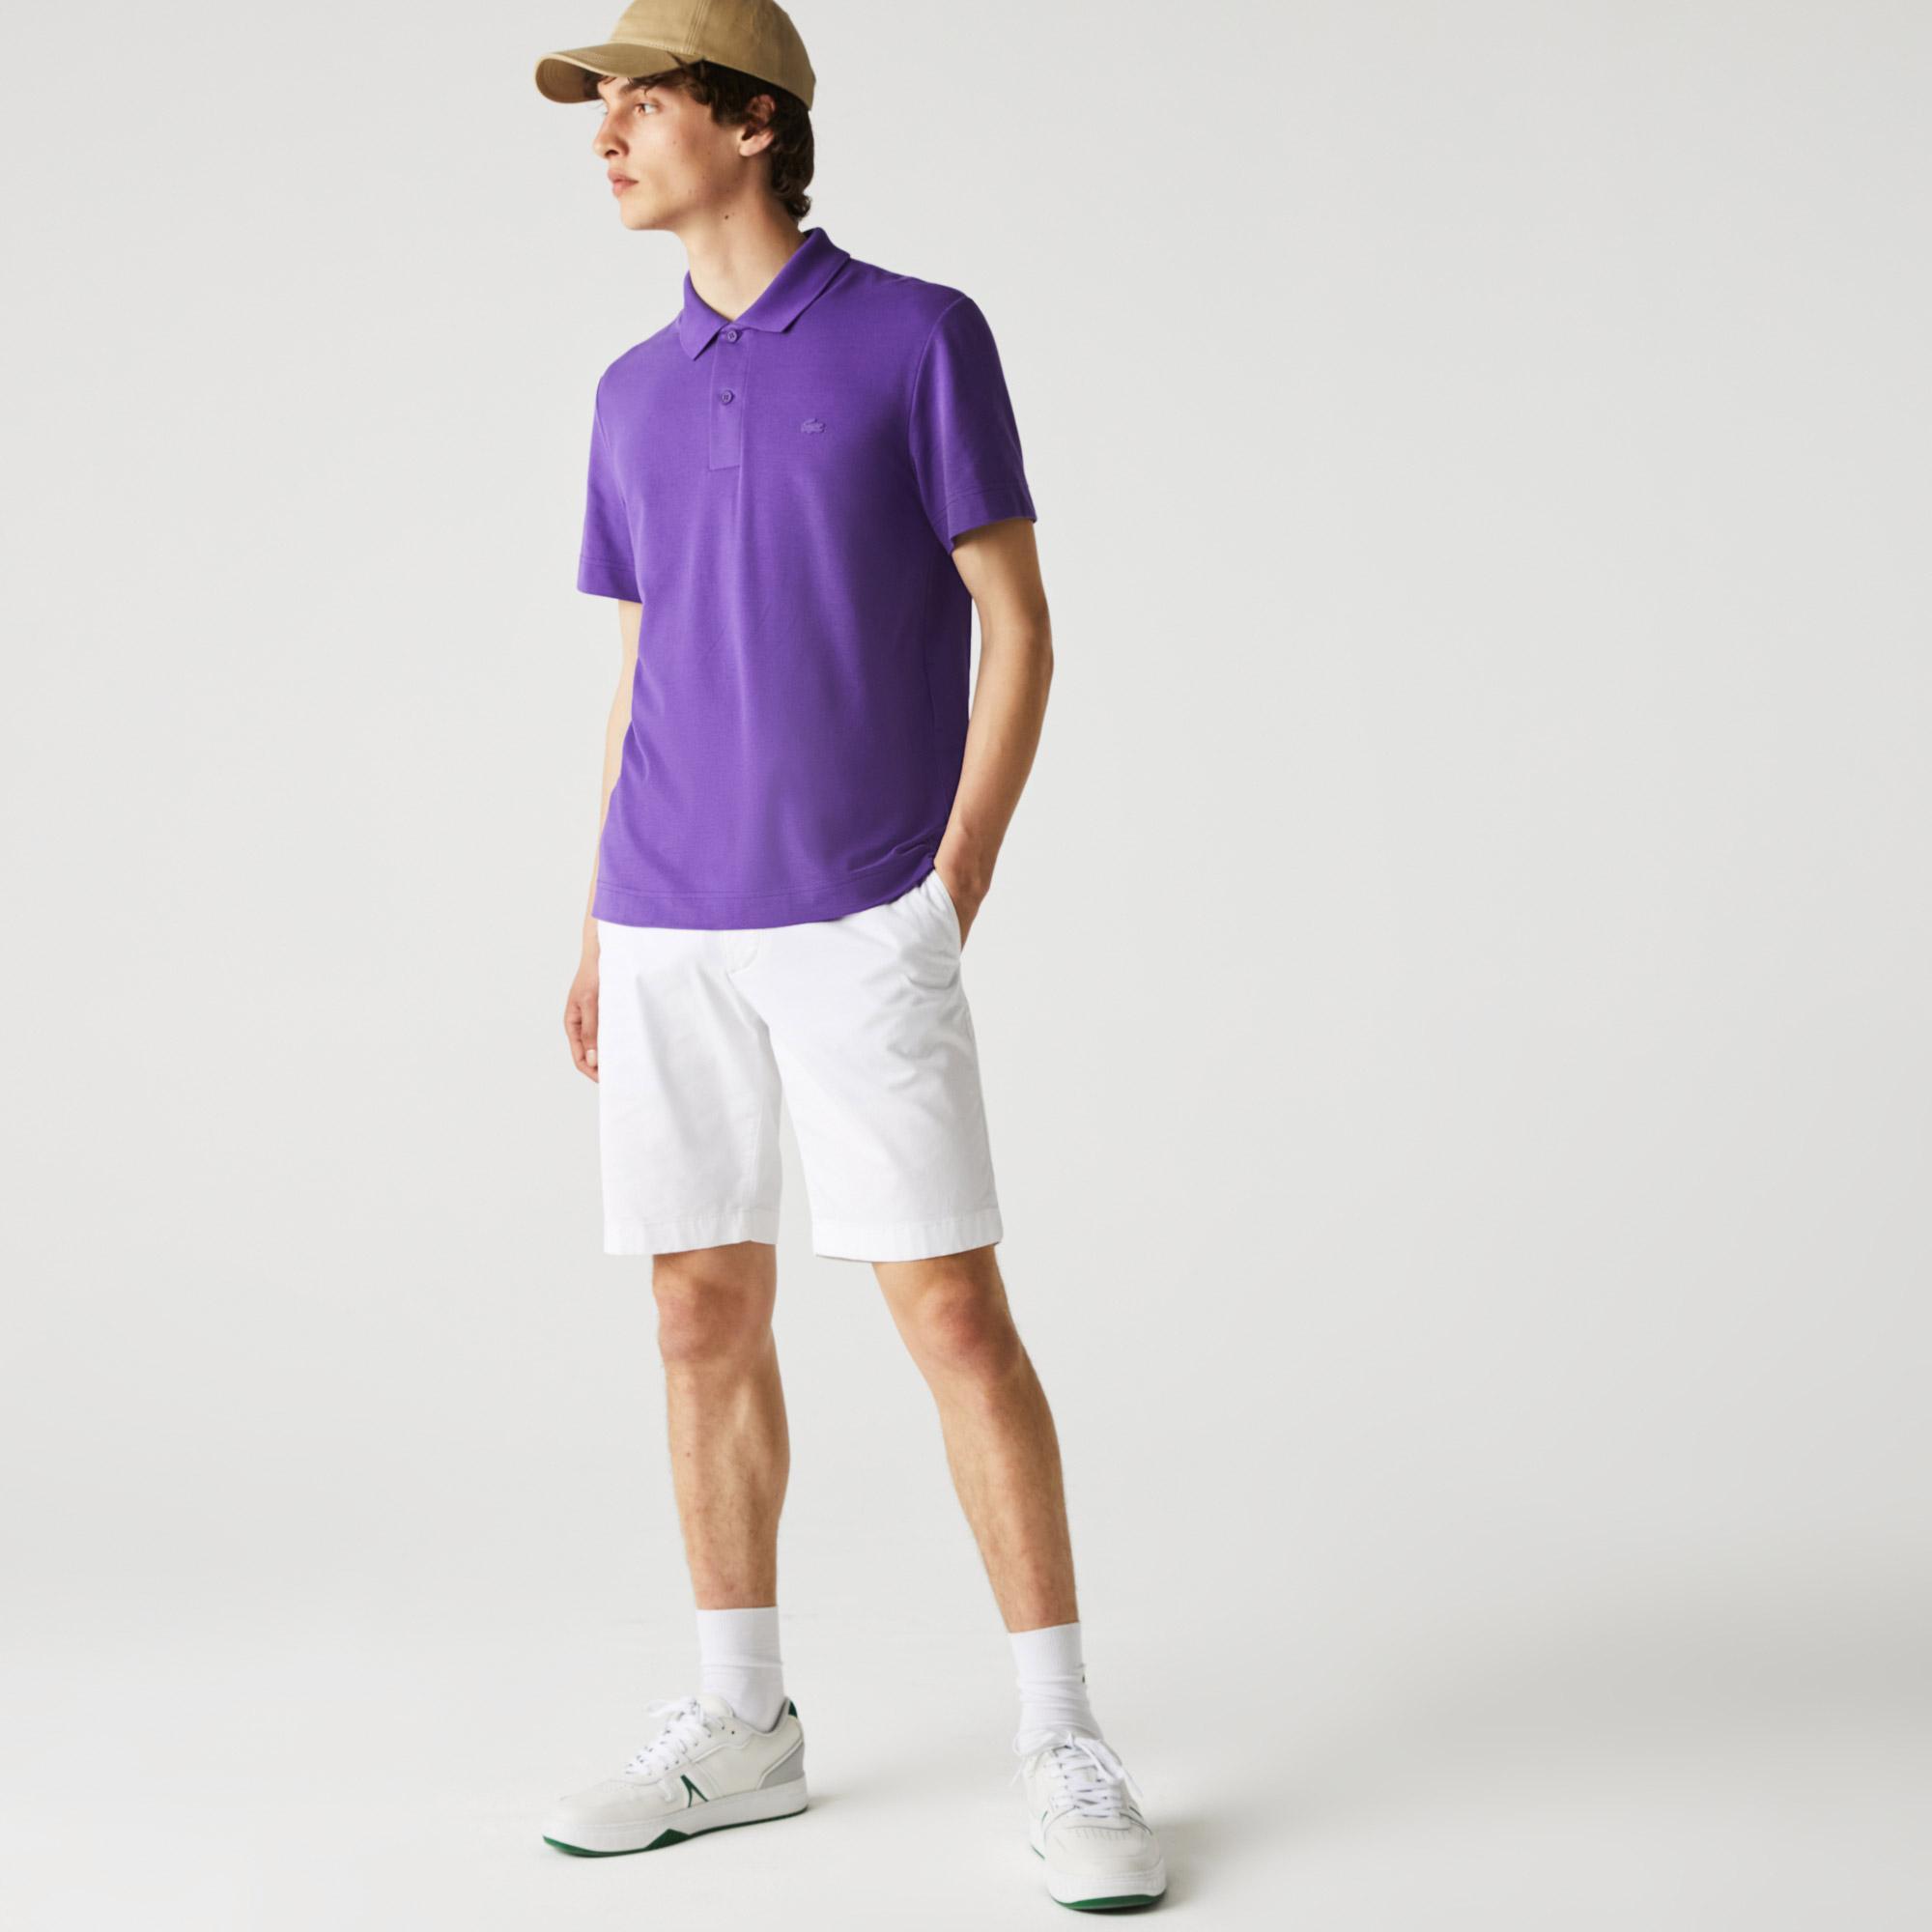 Lacoste Męska koszulka polo Regular Fit z piki, lekka, oddychająca